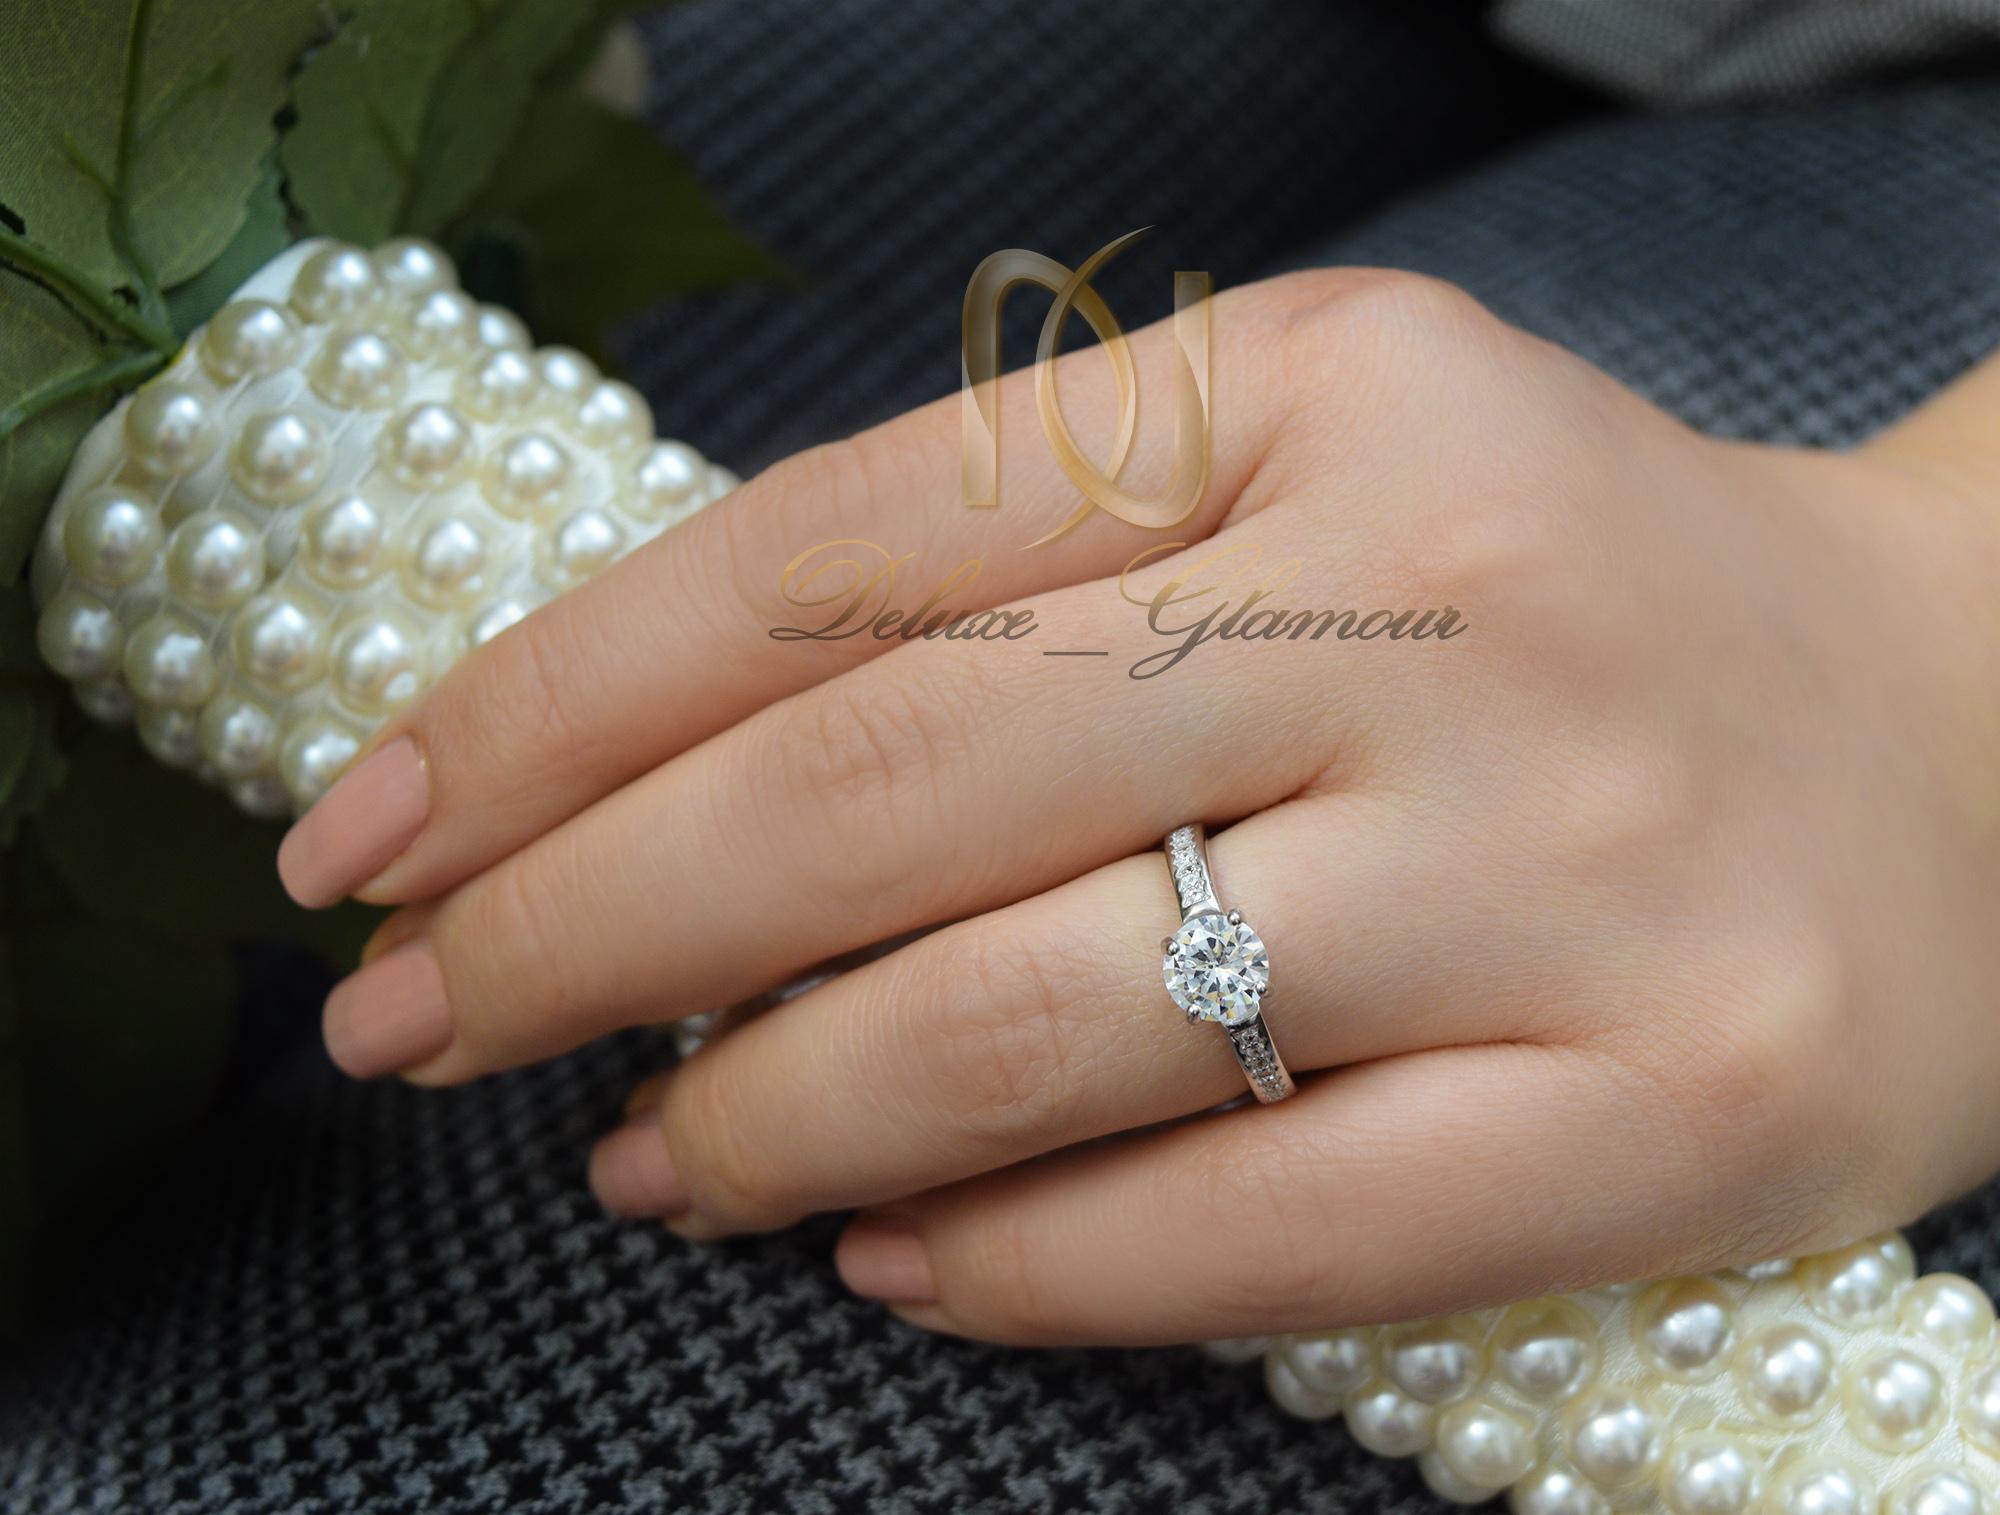 انگشتر نقره دخترانه ظریف تک نگین rg-n251 از نمای روی دست